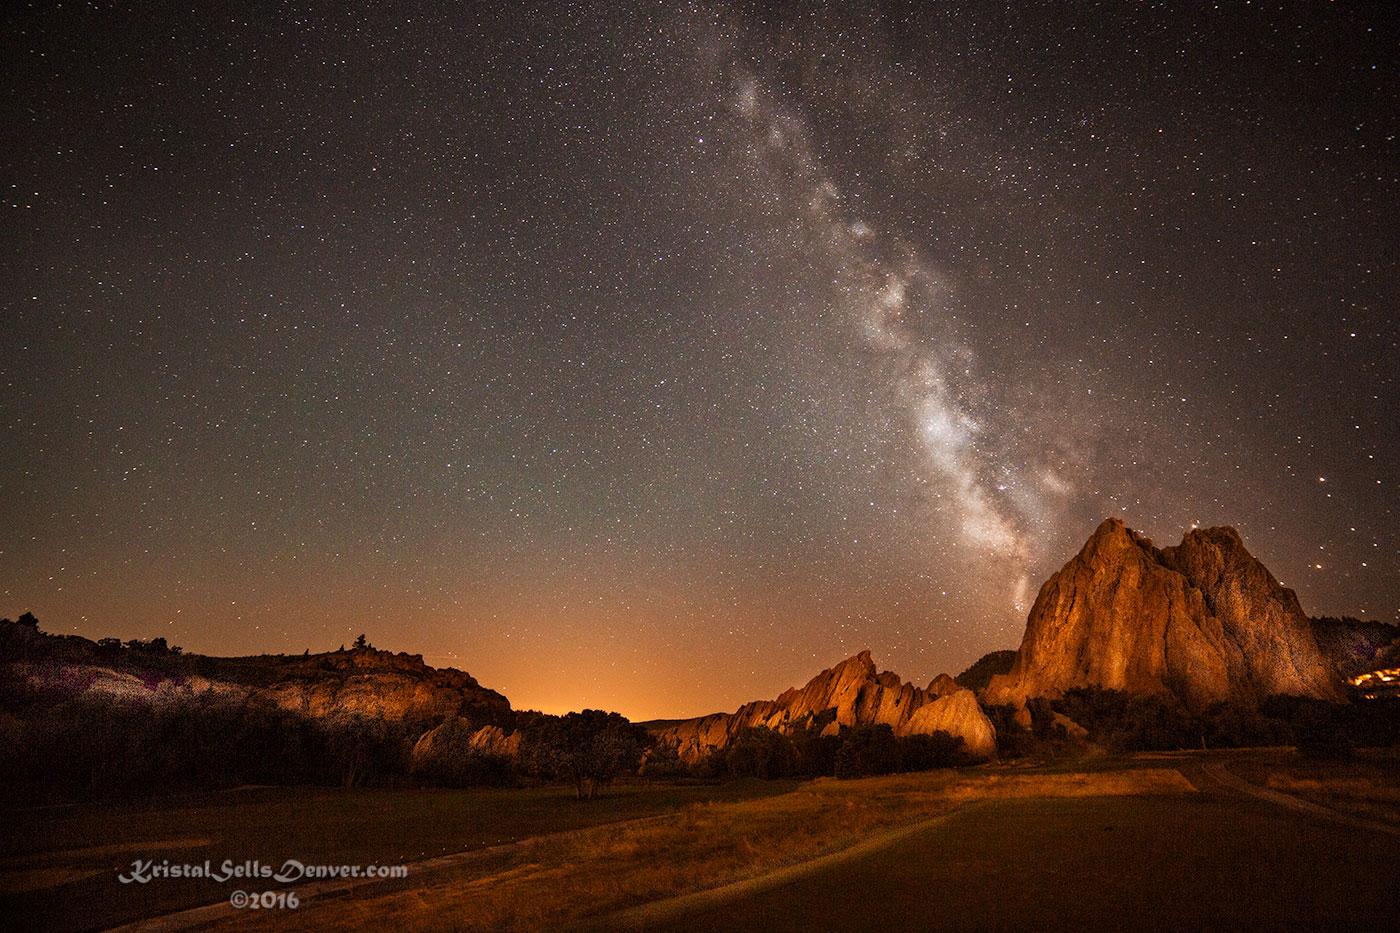 Milky Way Over Arrowhead